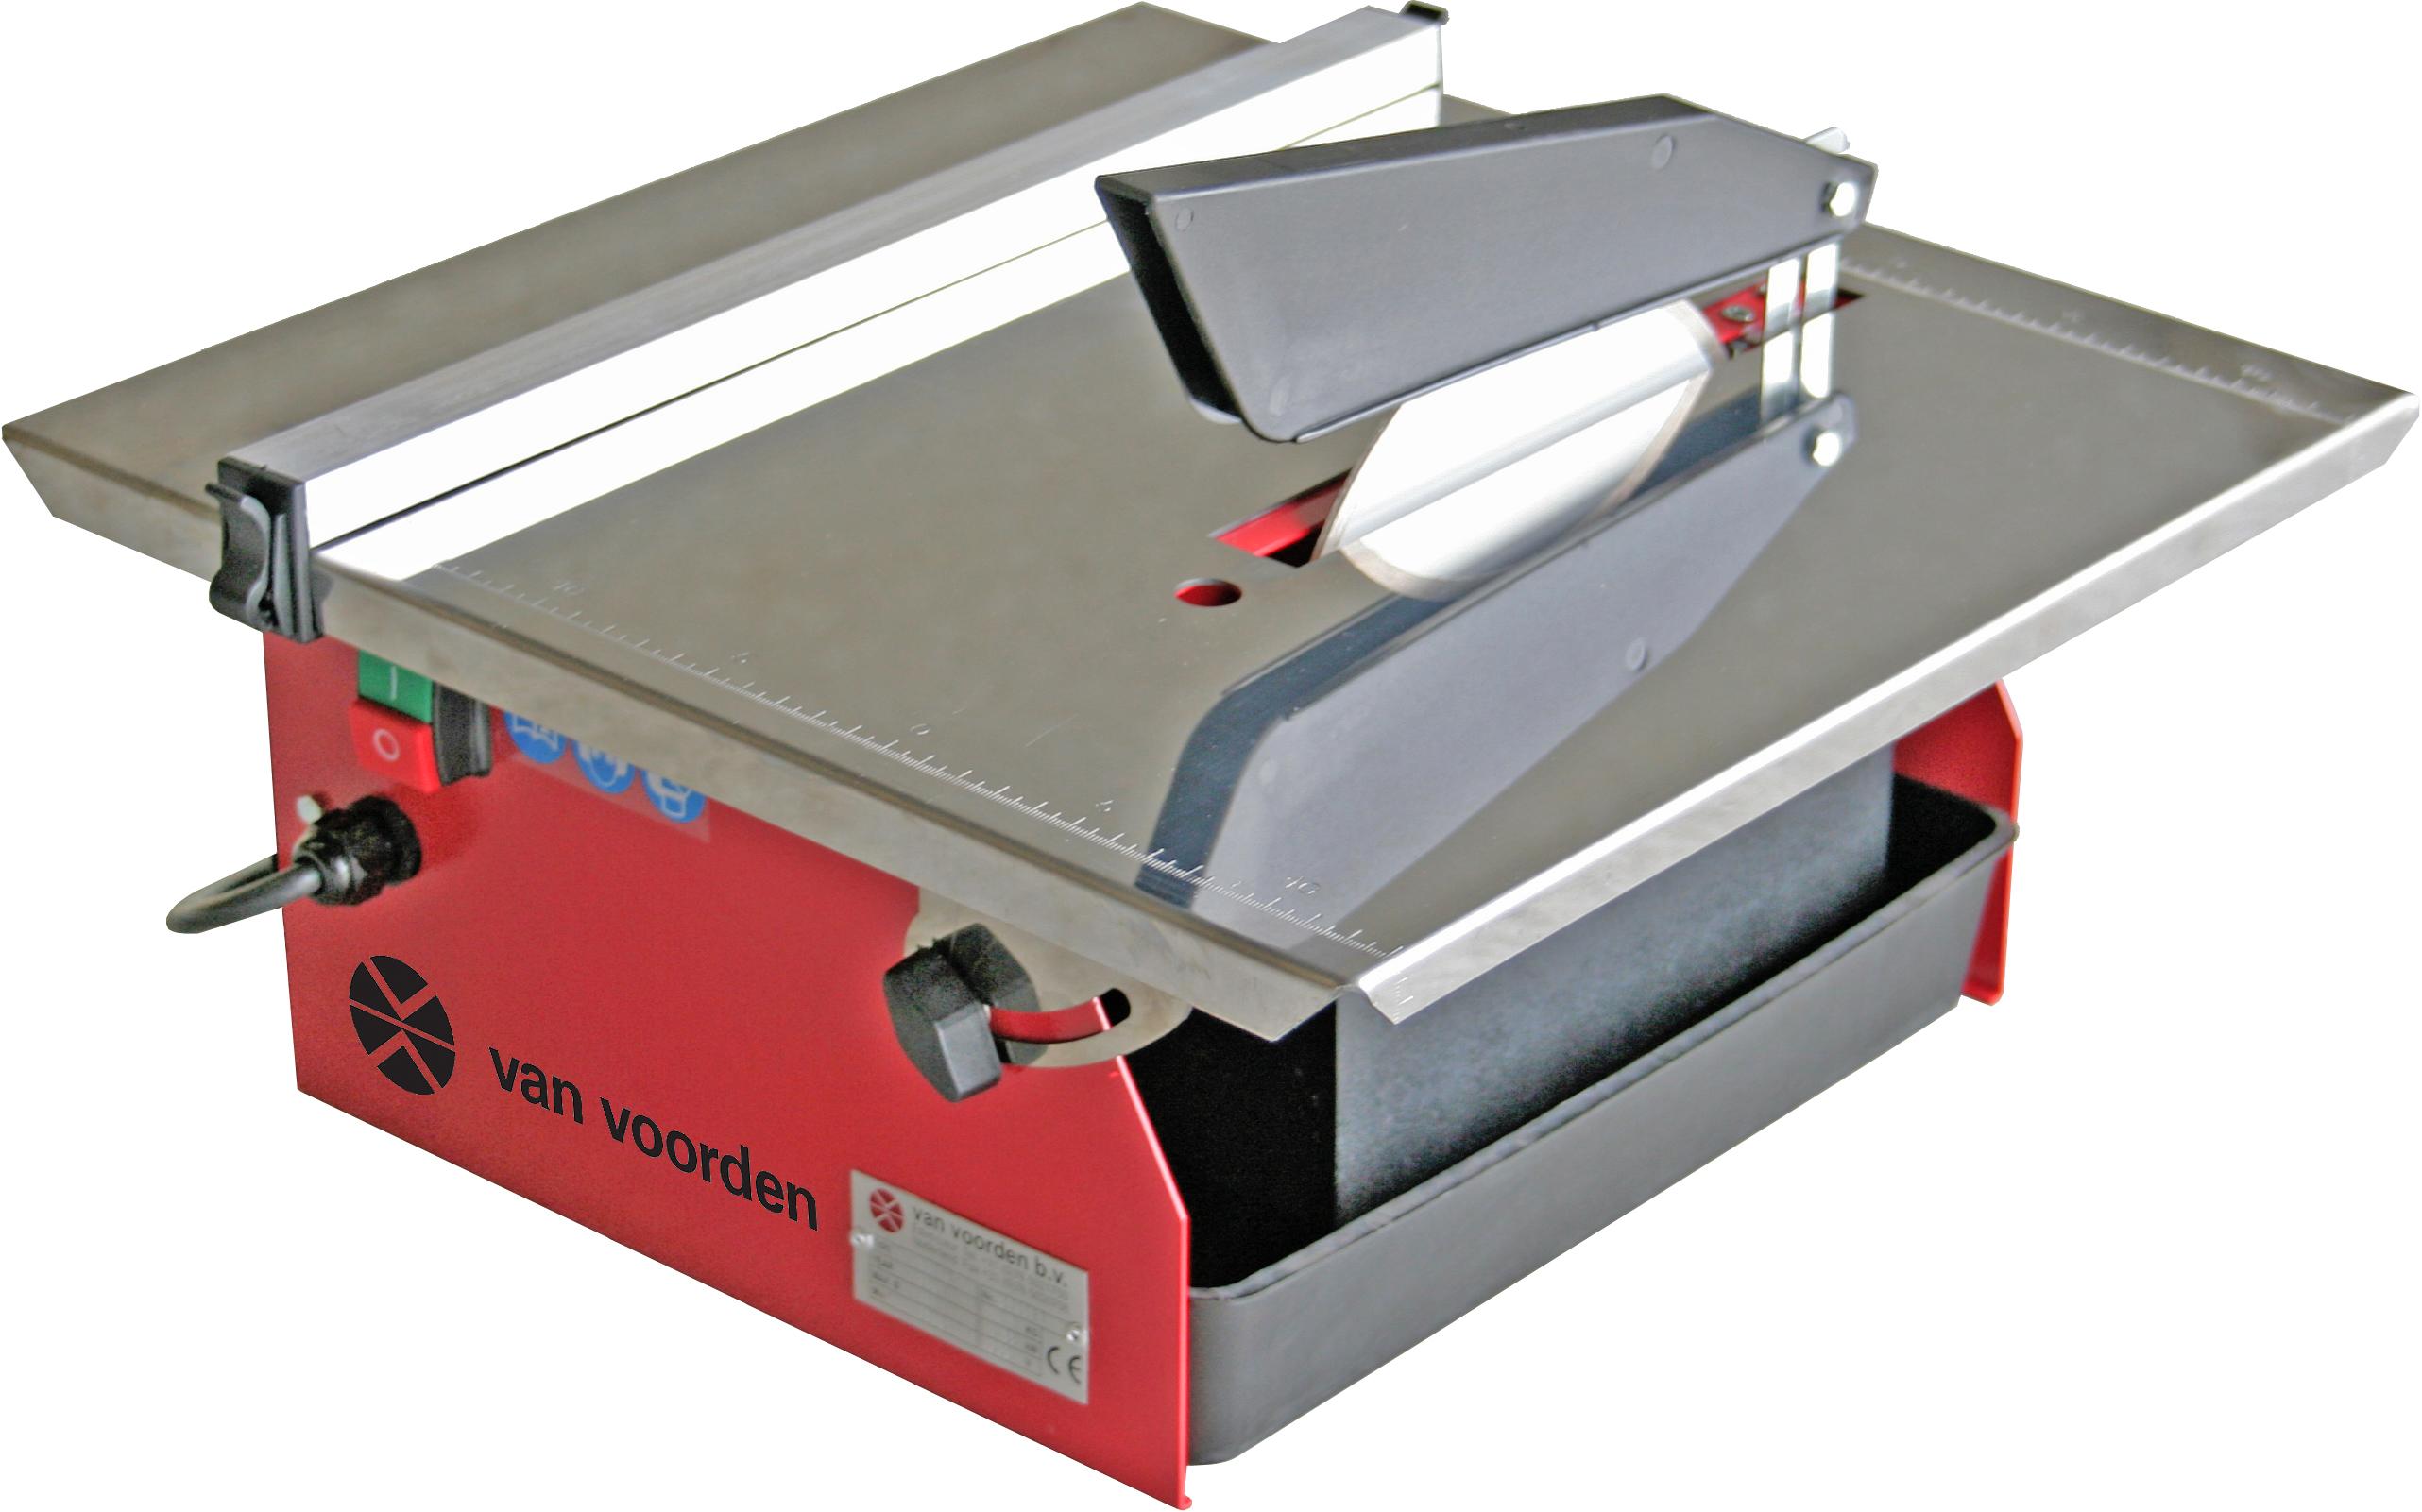 tegelzaagmachine-watergekoeld-diamant-zaag-tafel-wand-vloer-tegels-universeel-gebruik-45-graden-hoek-supra-voorden